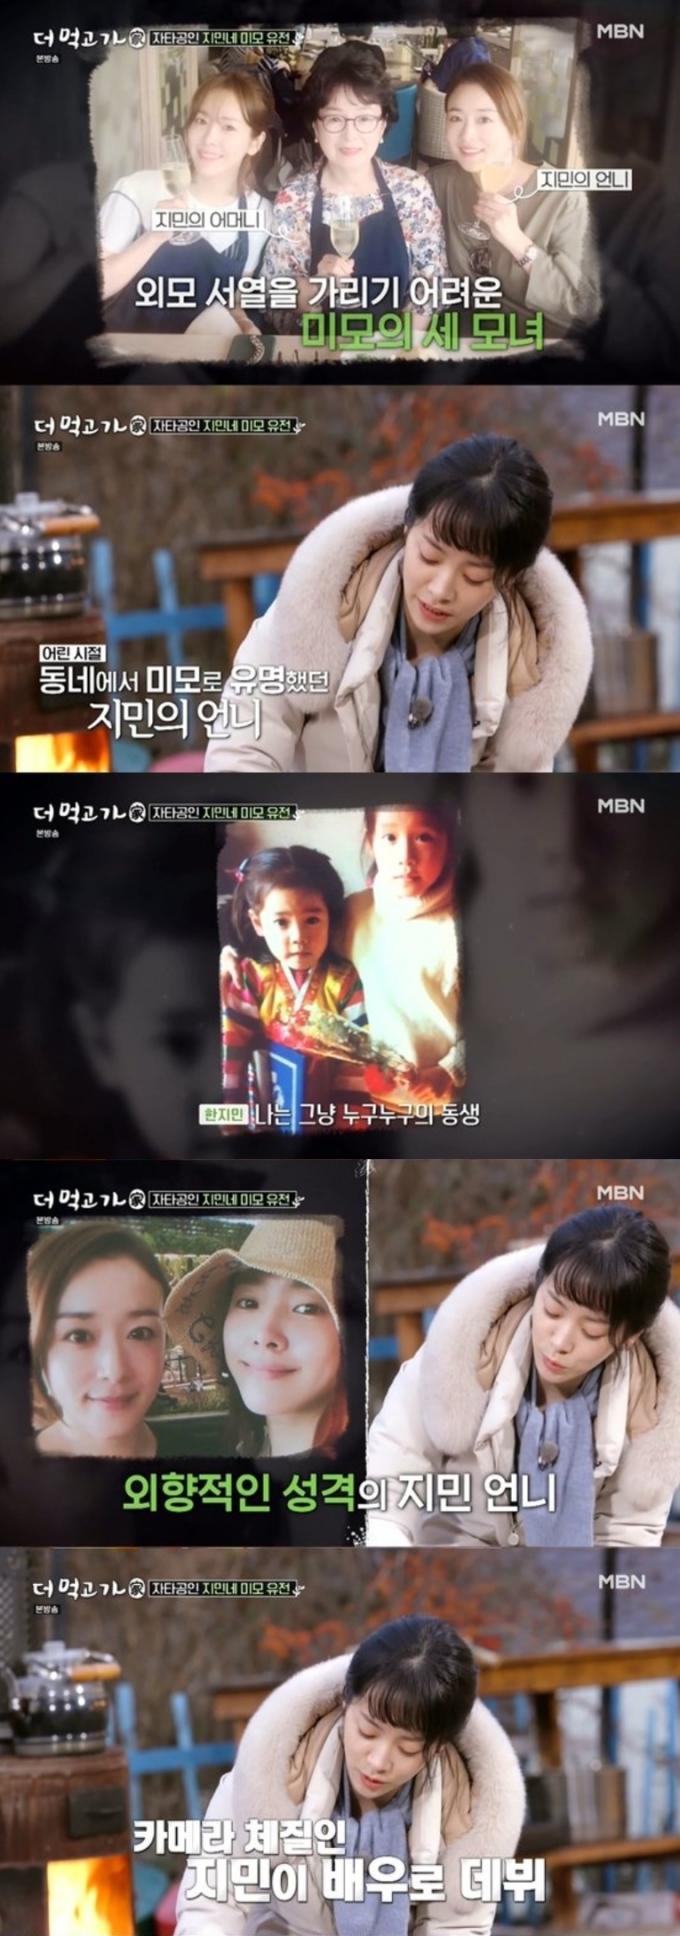 배우 한지민이 방송에서 친언니의 일화를 공개했다. /사진=MBN '더 먹고 가' 캡처